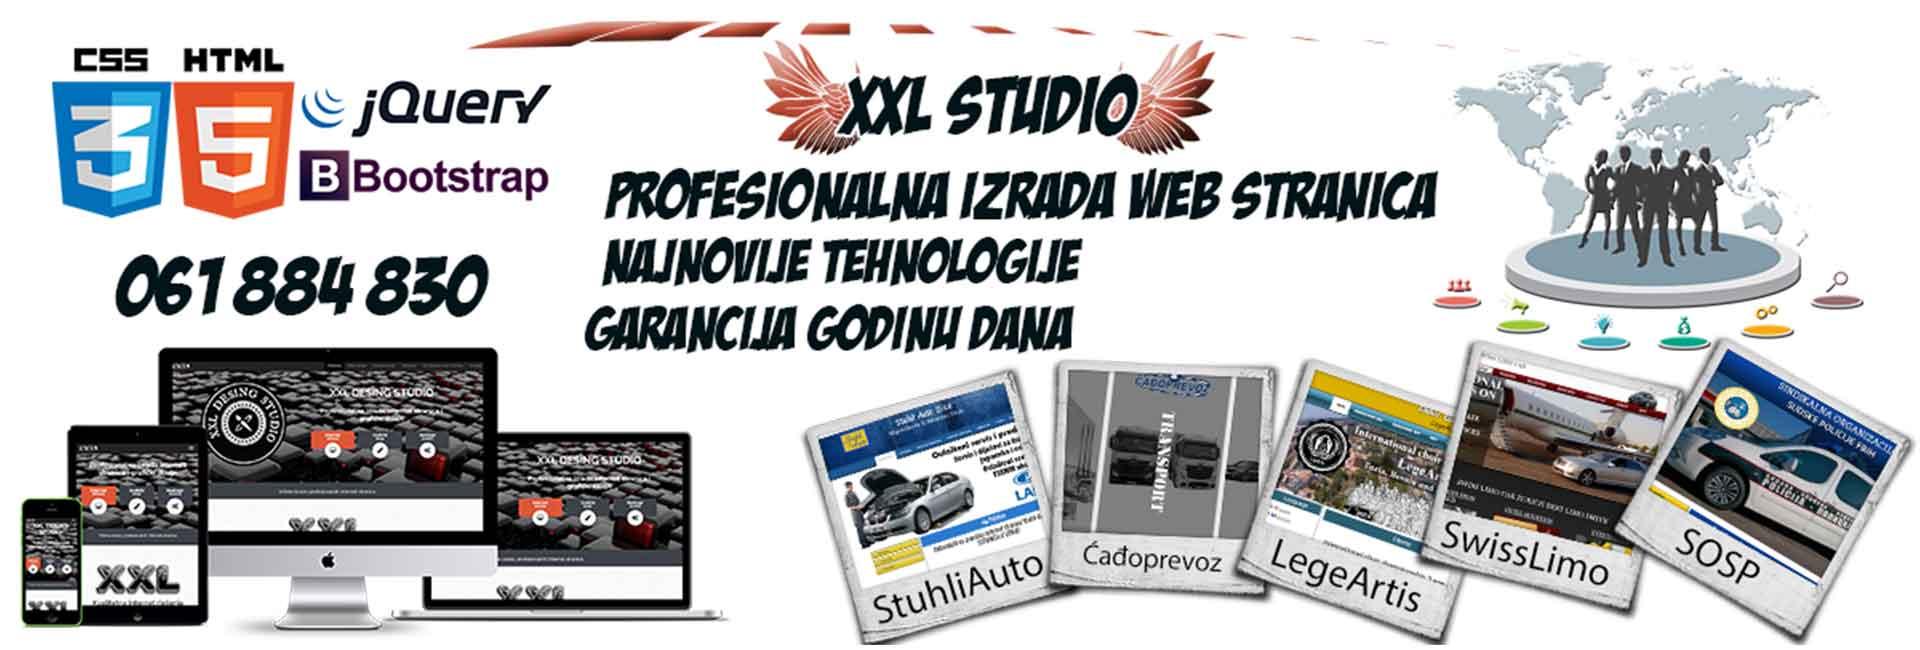 IZRADA WEB STRANICA XXL